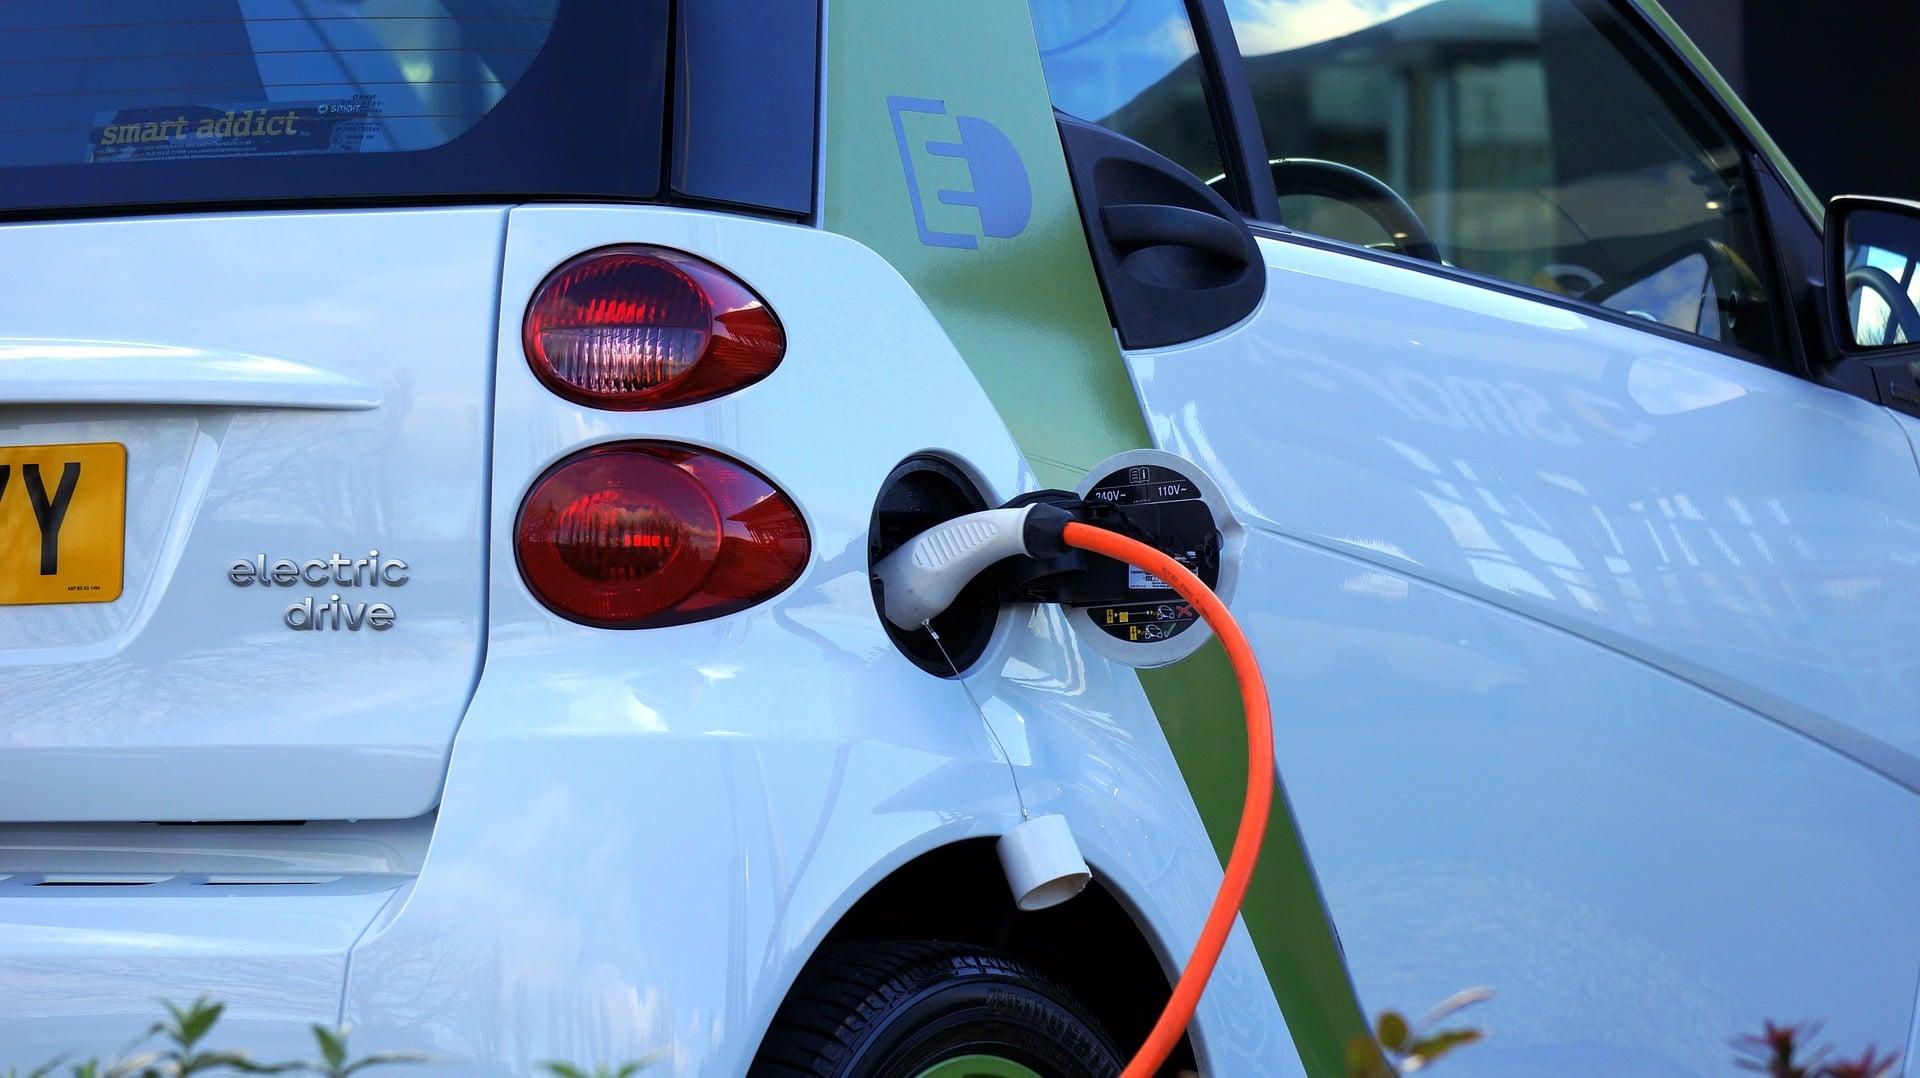 """Będą """"zielone drogi"""" - GDDKiA ogłasza przetarg na budowę sieci ładowarek dla samochodów elektrycznych 22"""